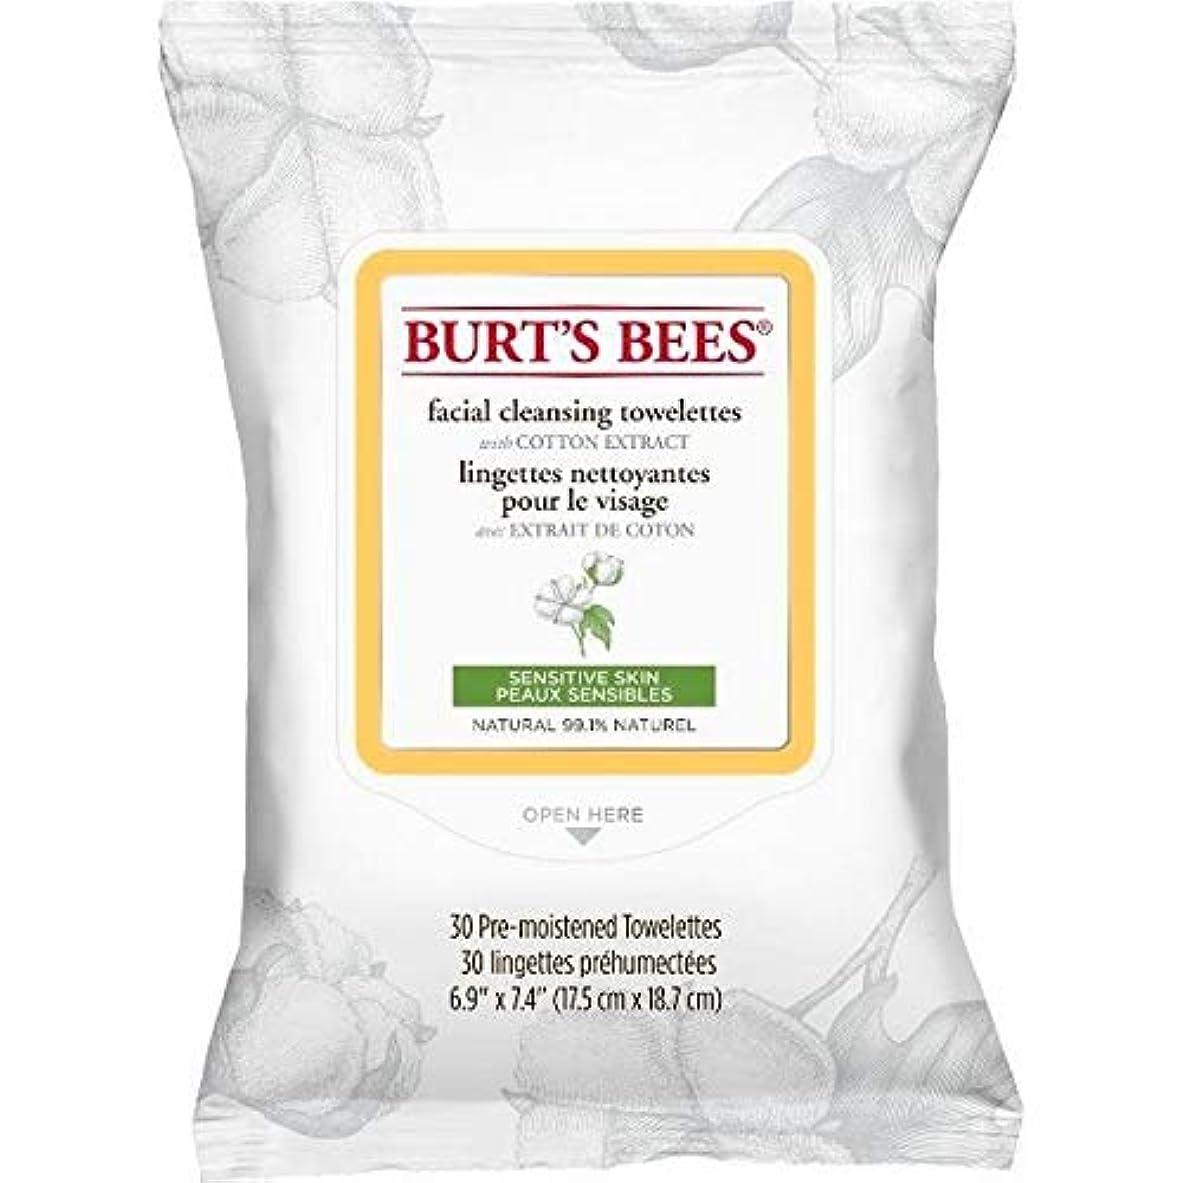 人工ガジュマル同性愛者[Burt's Bees ] バーツビー敏感な顔の浄化用ペーパータオルエキスX30 - Burt's Bees Sensitive Facial Cleanse Towelettes Extract x30 [並行輸入品]